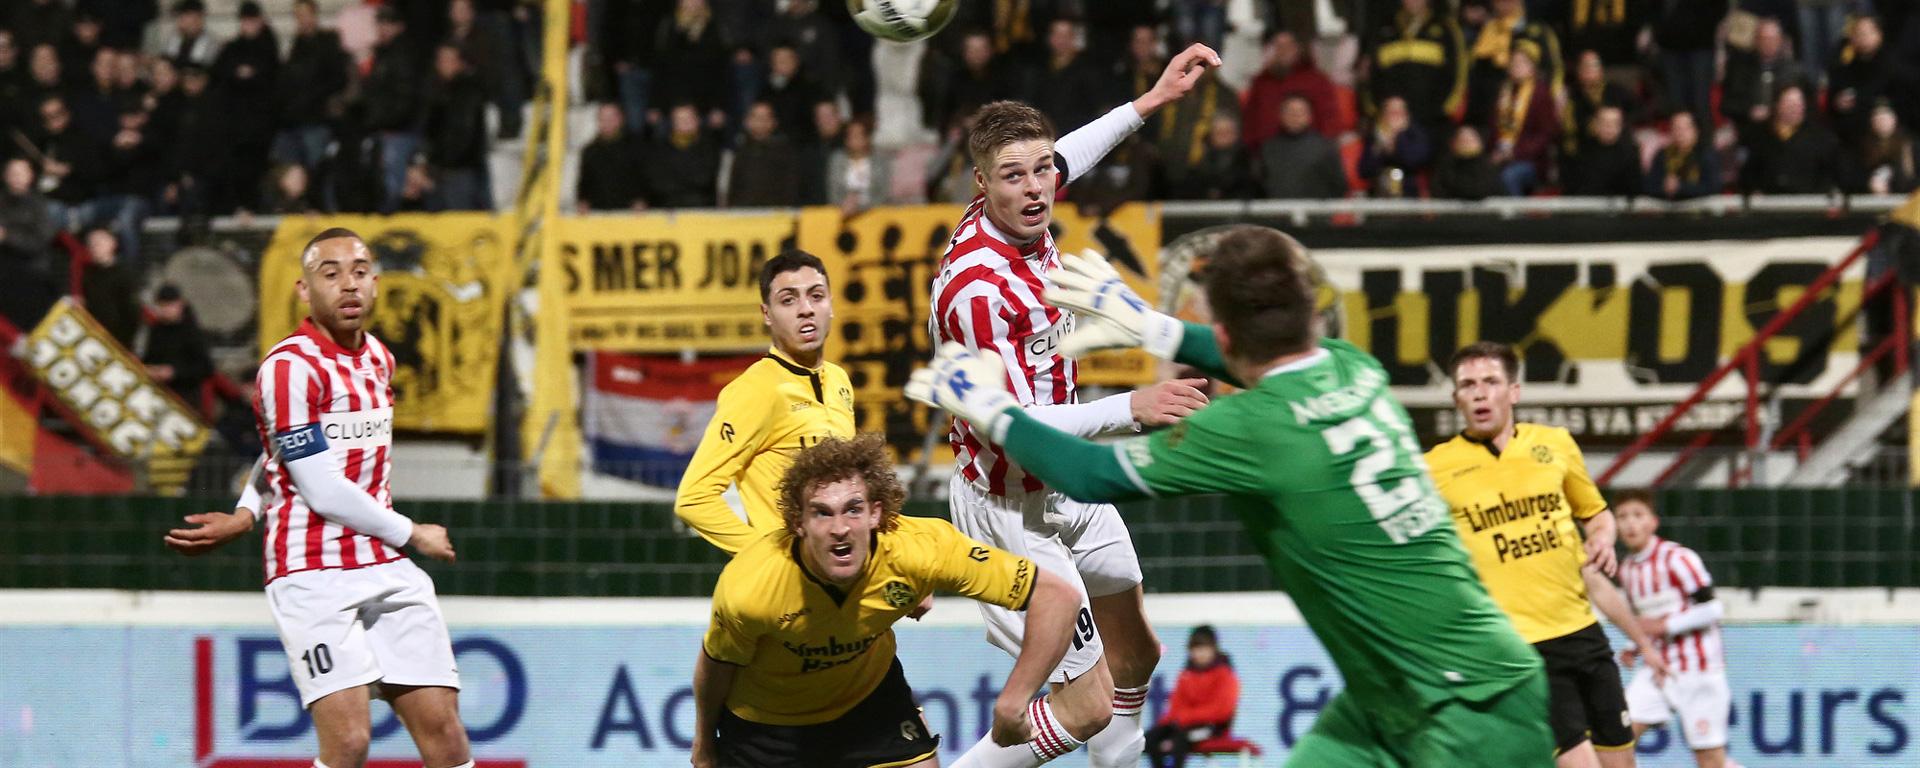 Gijsen Advies is wedstrijdsponsor tegen Roda JC